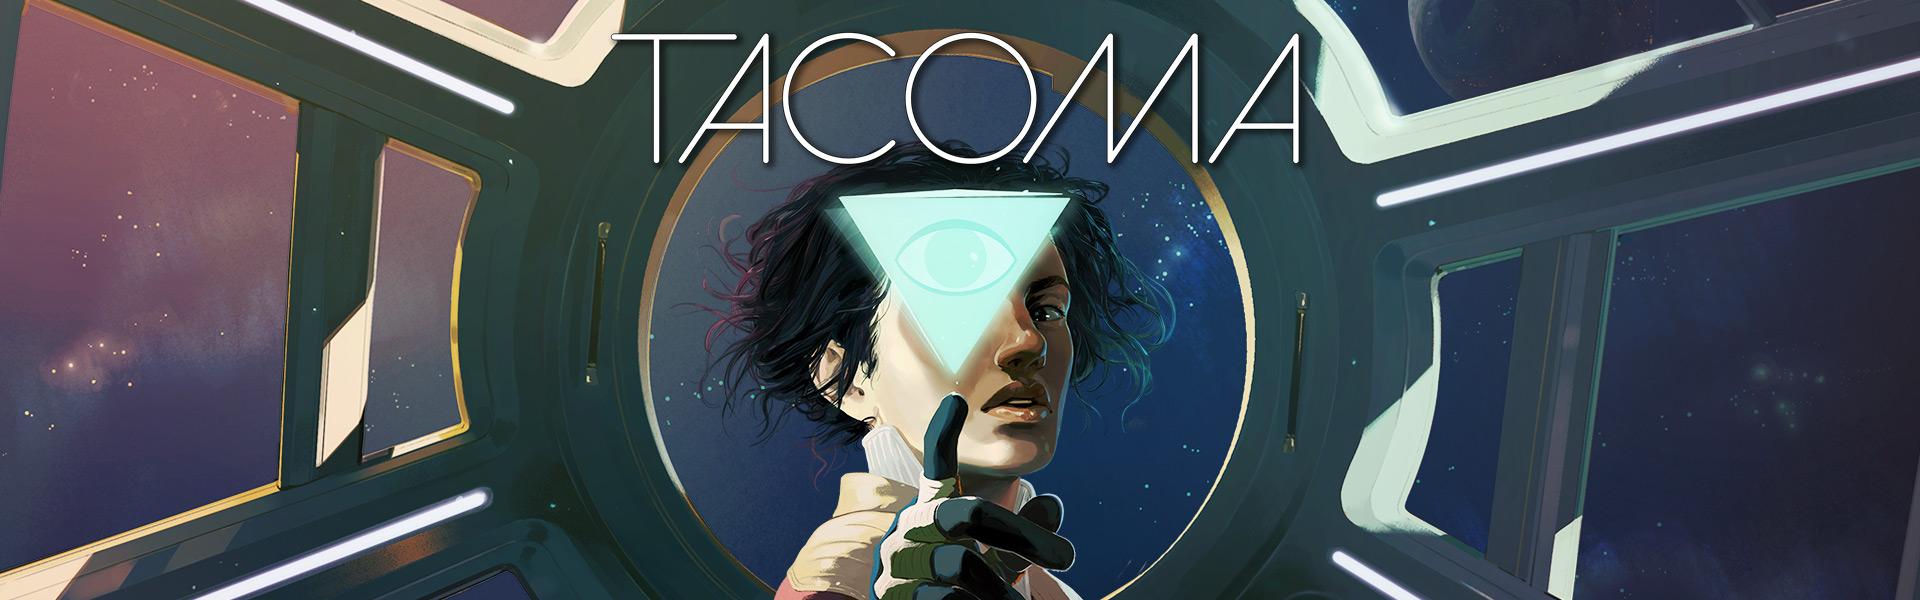 Tacoma. Hovedkarakter peker på AI med stjerner i bakgrunnen